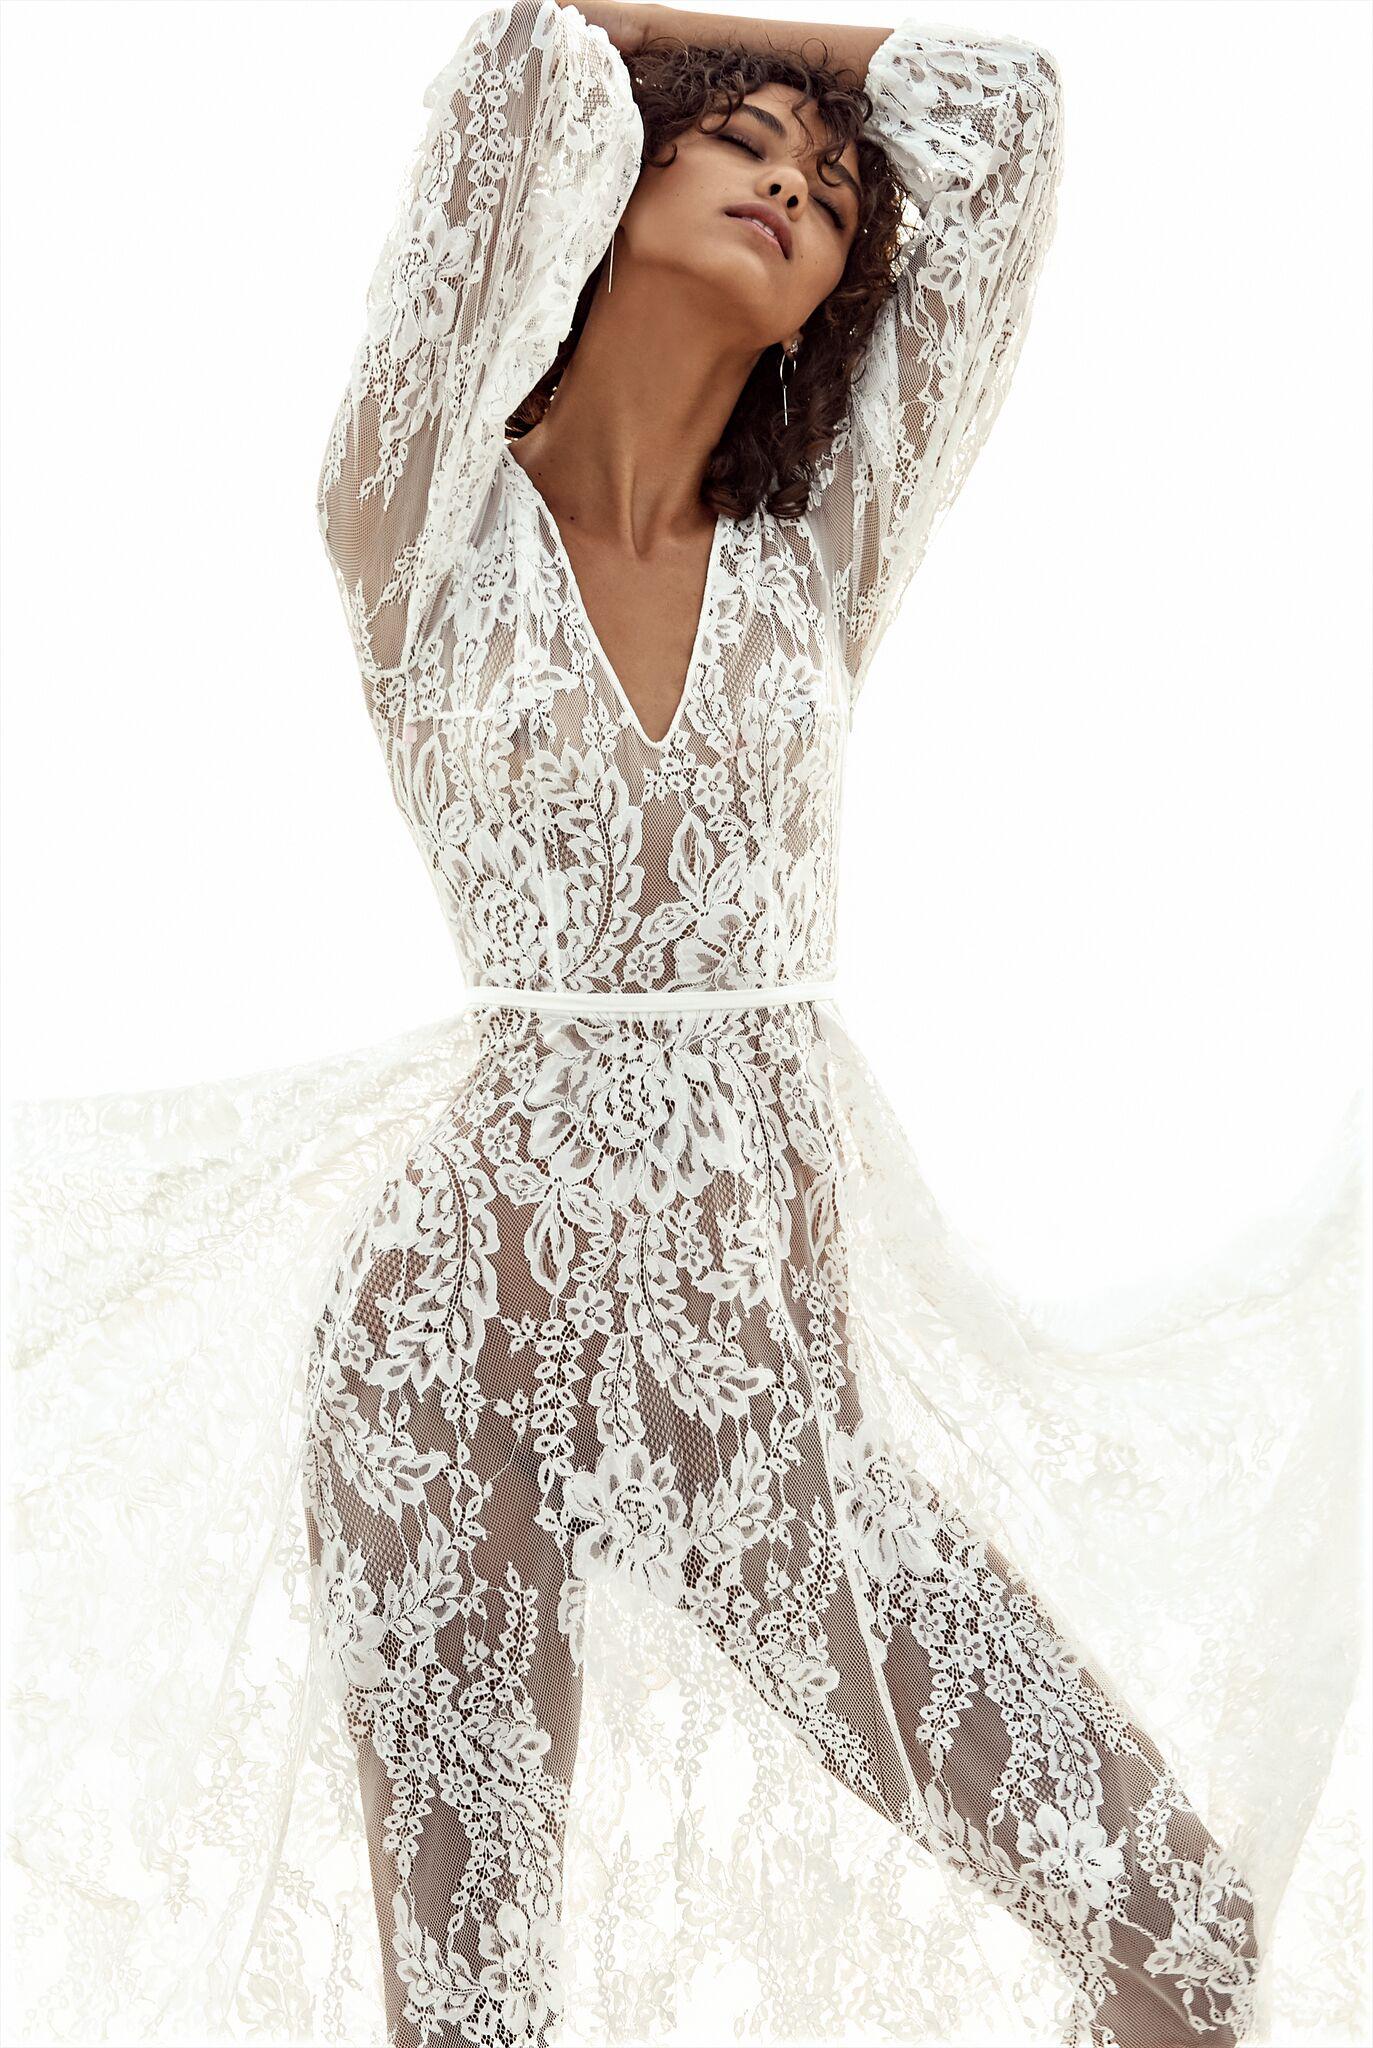 Dress_28.jpg